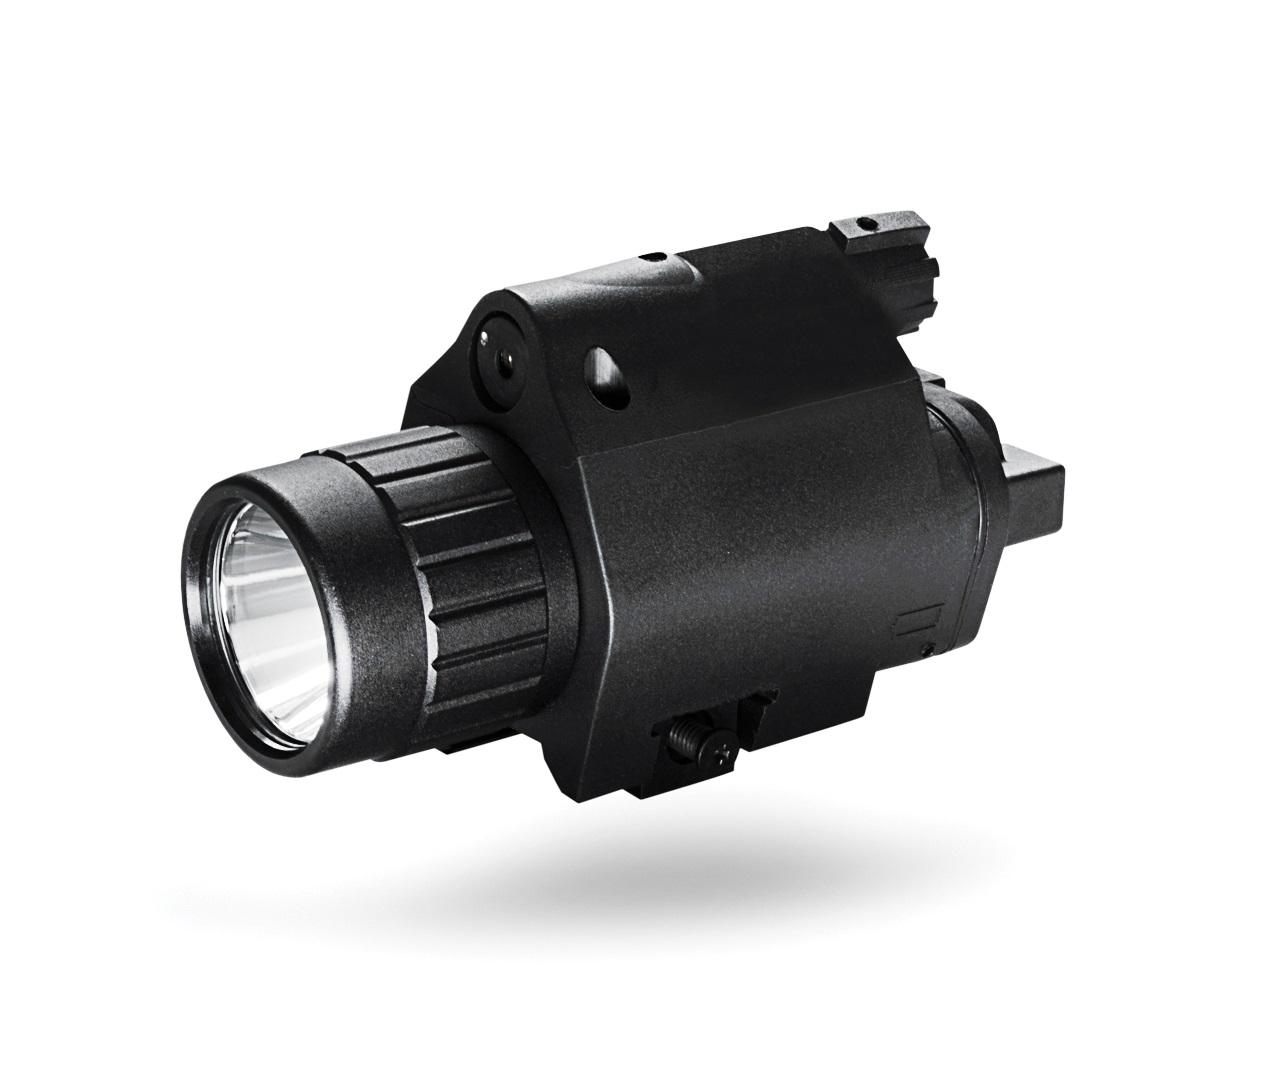 43110 - Laser LED Mount